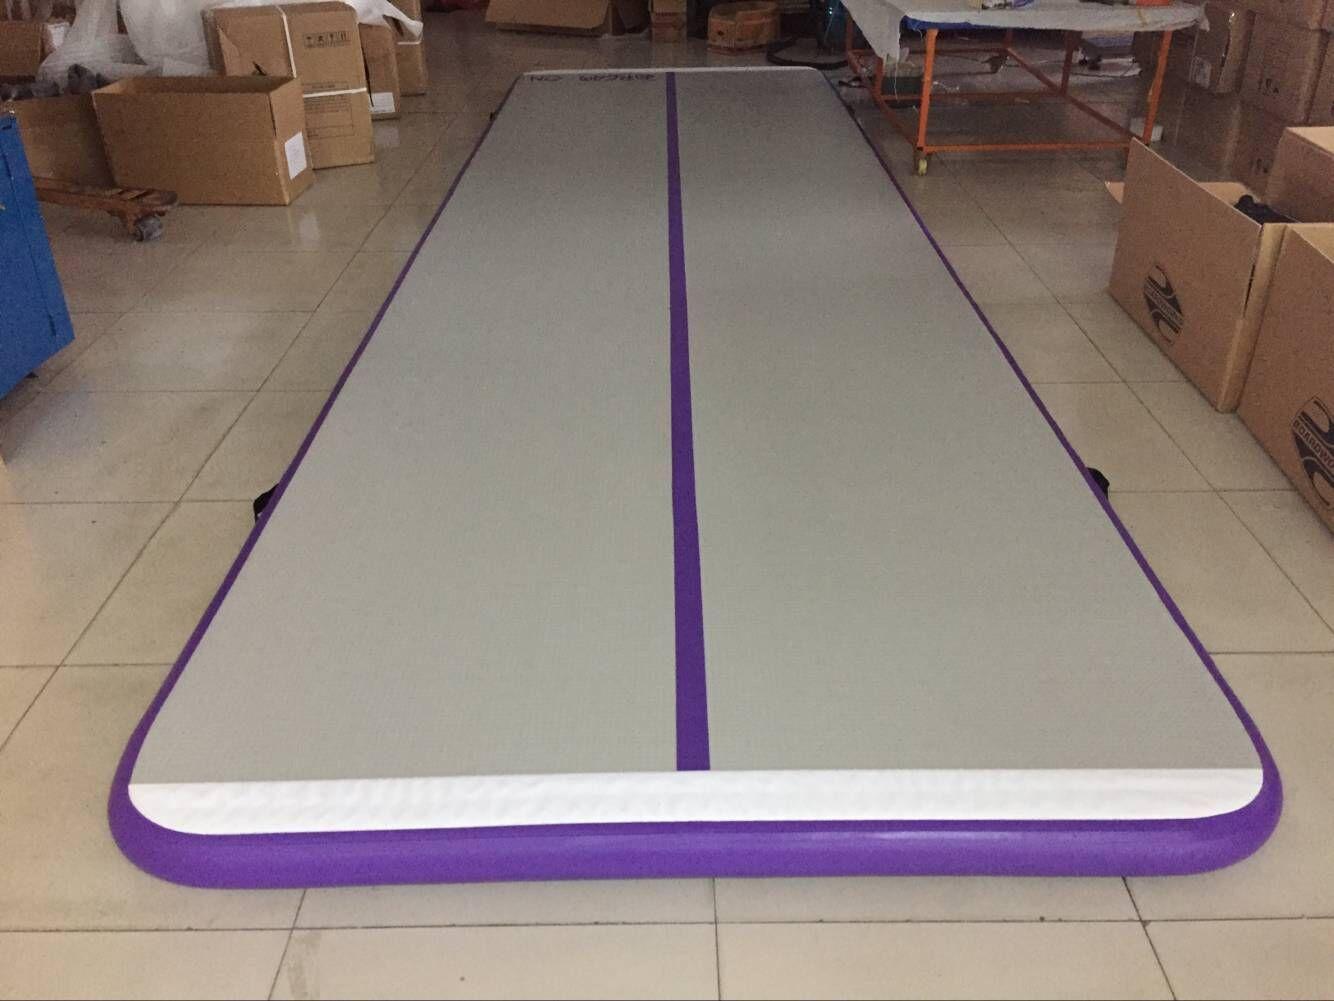 Purple gymnastics mats Air track, Gymnastics, Gymnastics